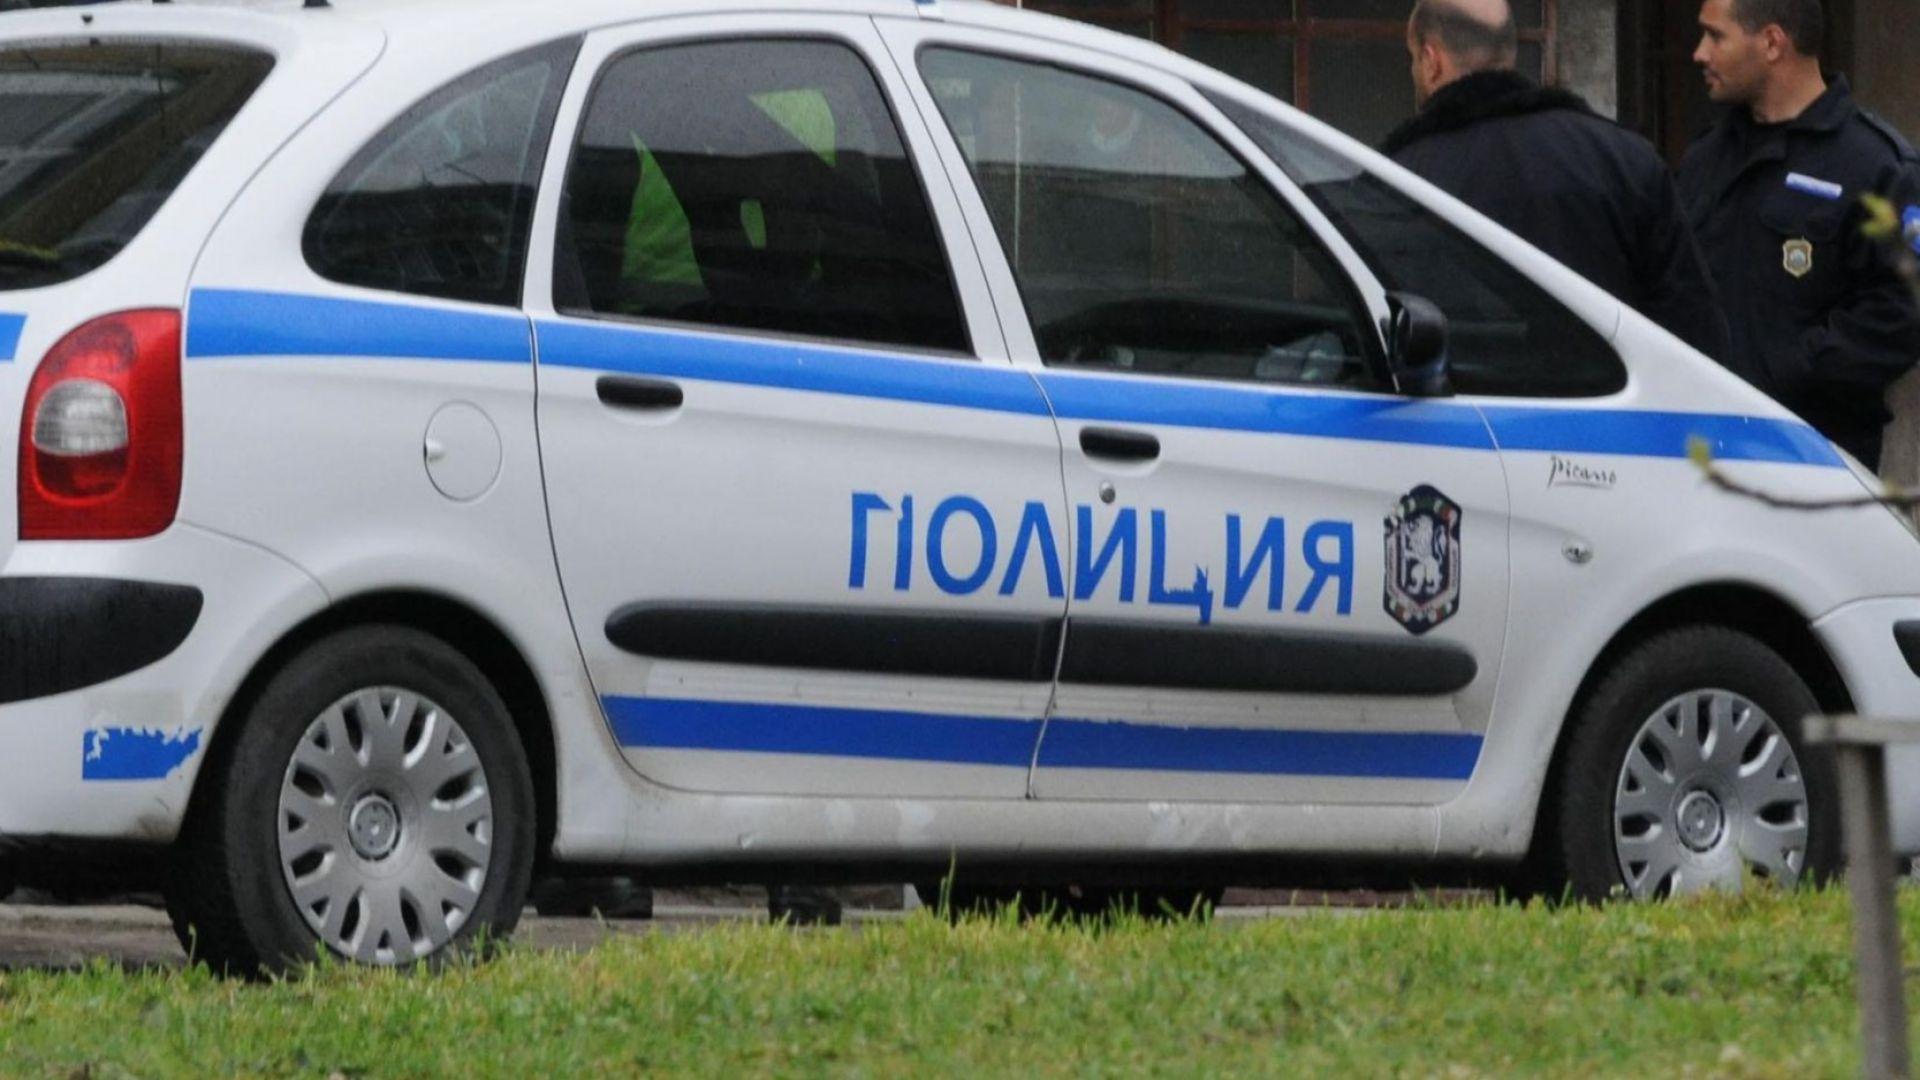 Мъж вади пистолет на продавачка във Варна, тя му хваща оръжието (снимки)